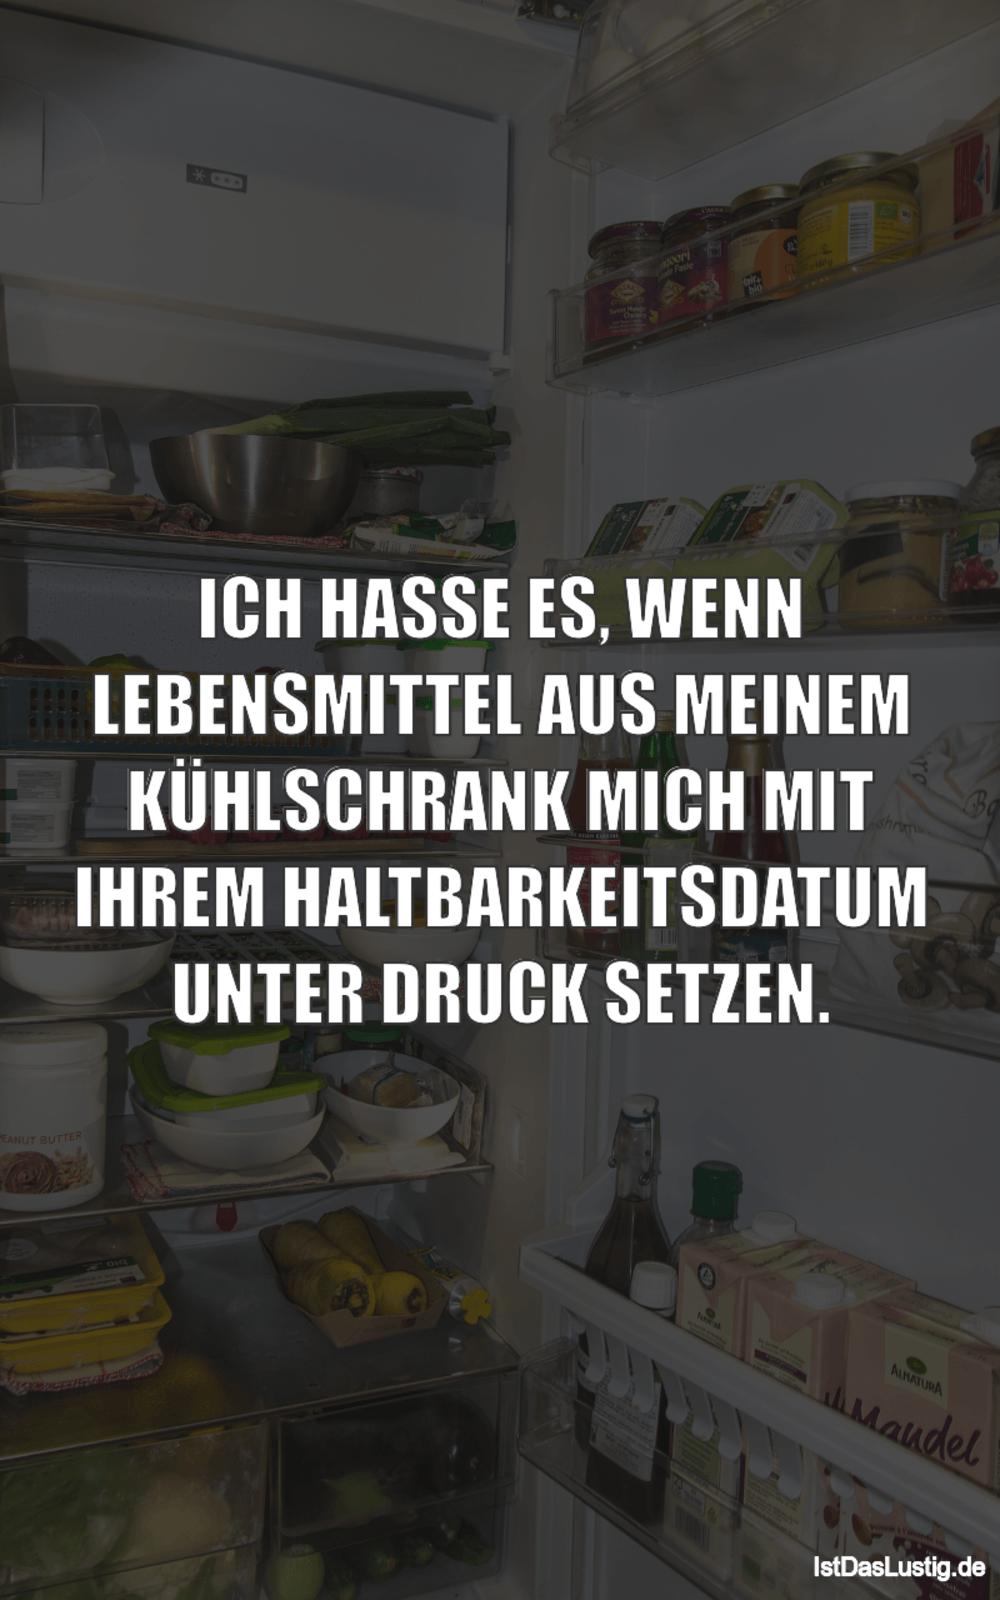 Lustiger BilderSpruch - ICH HASSE ES, WENN LEBENSMITTEL AUS MEINEM...